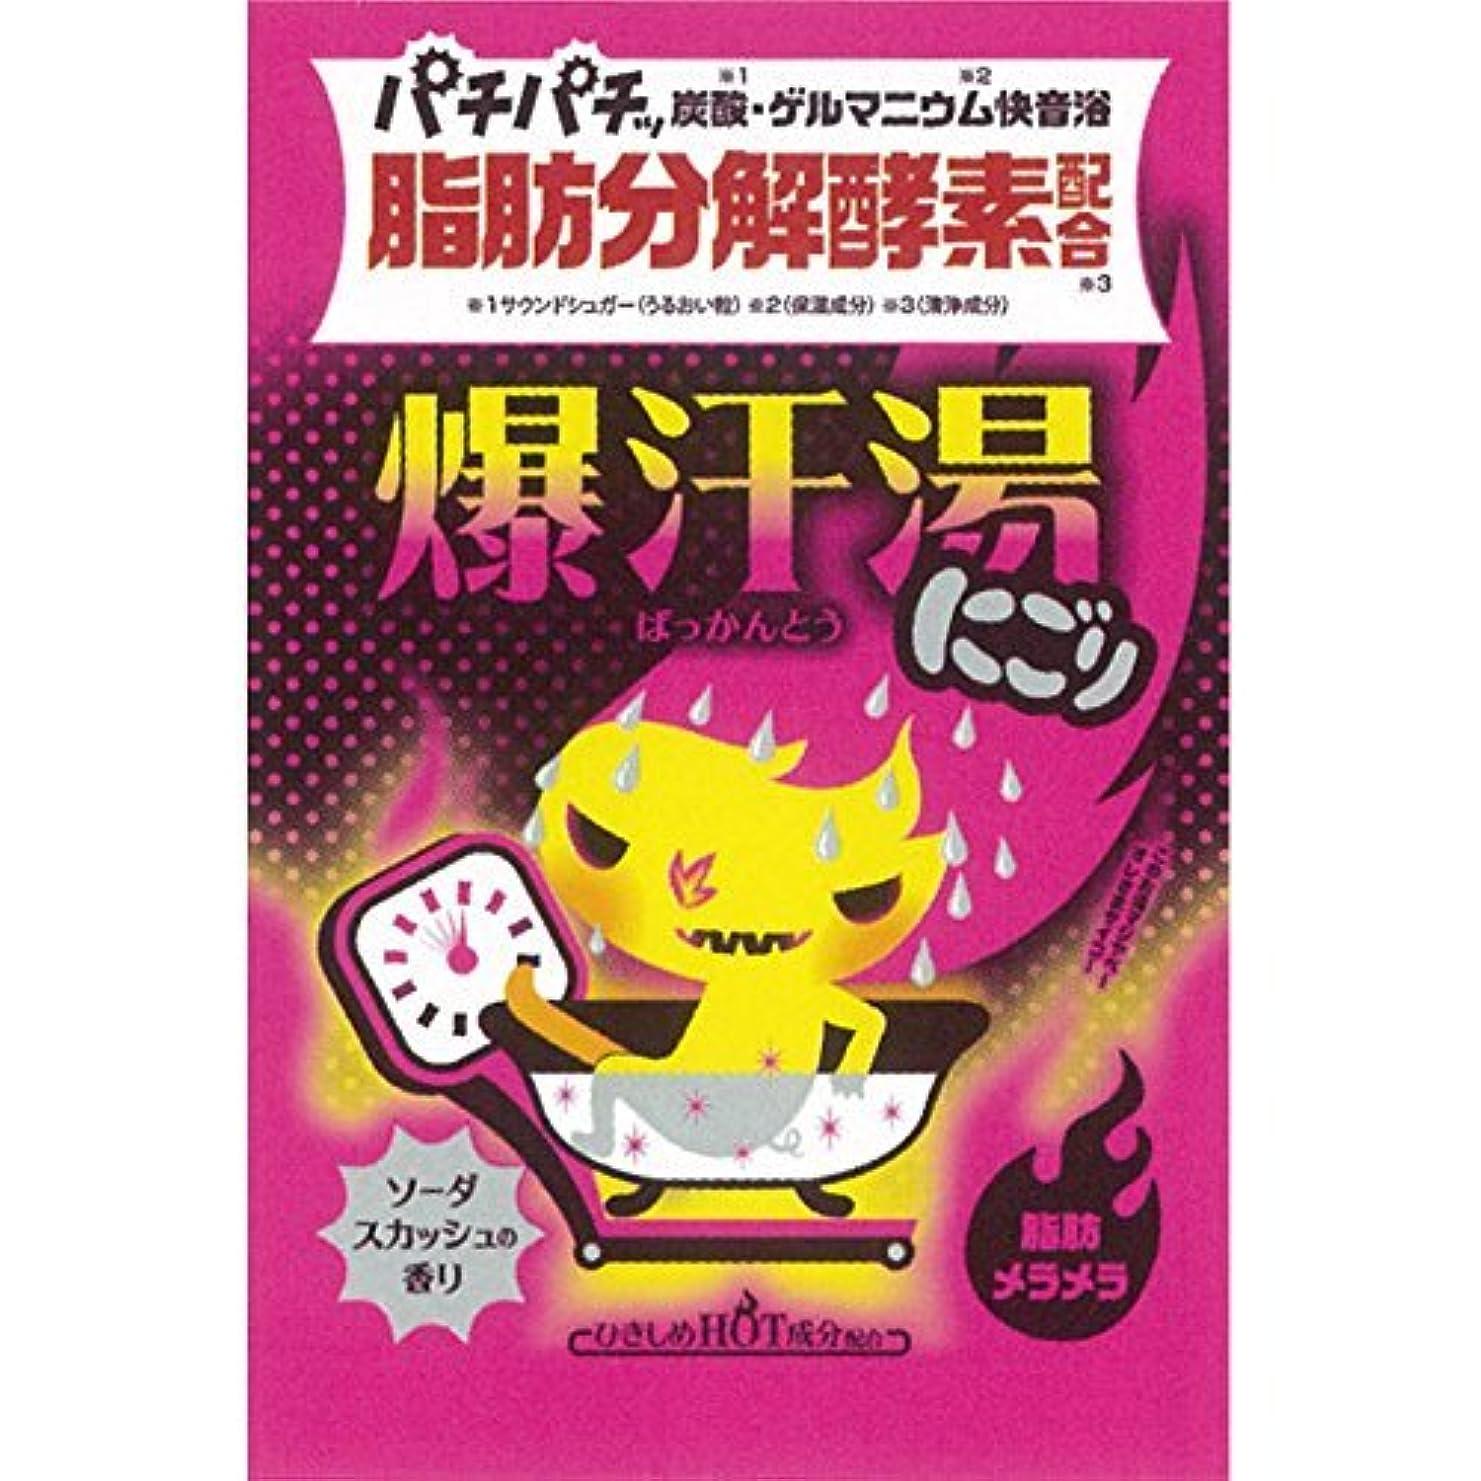 八百屋定数感謝する爆汗湯 ゲルマニウム快音浴 にごり ソーダスカッシュの香り(入浴剤)